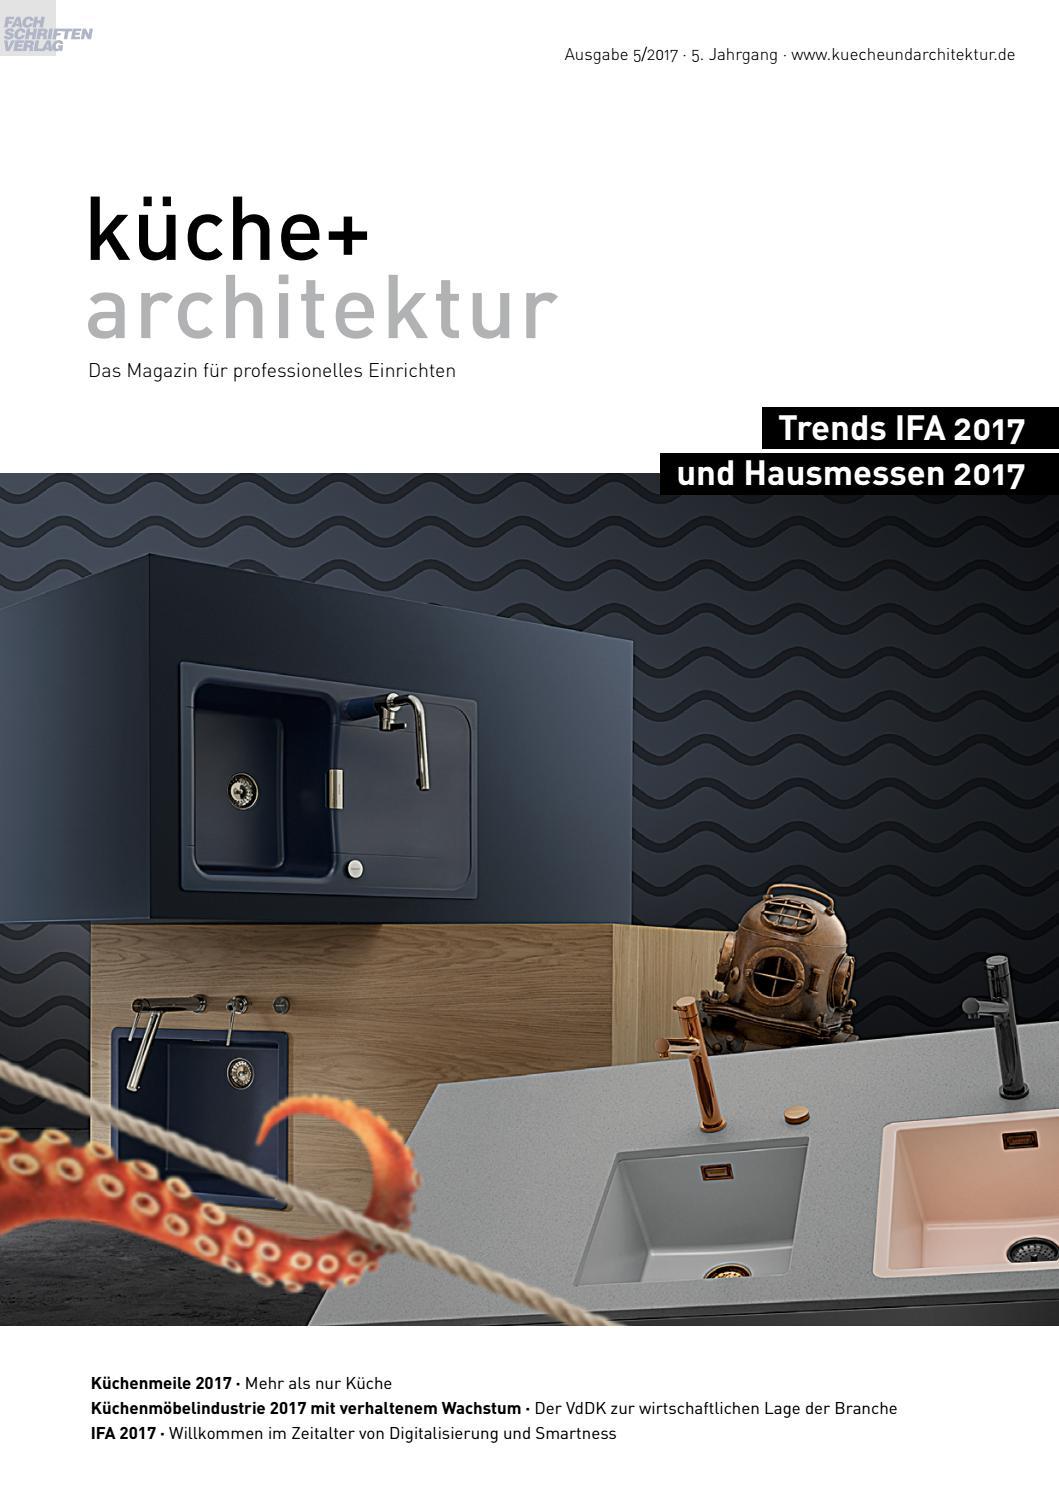 Full Size of Kche Architektur 5 2017 By Fachschriften Verlag Velux Fenster Ersatzteile Möbelgriffe Küche Wellmann Griffe Küchen Regal Wohnzimmer Wellmann Küchen Ersatzteile Griffe